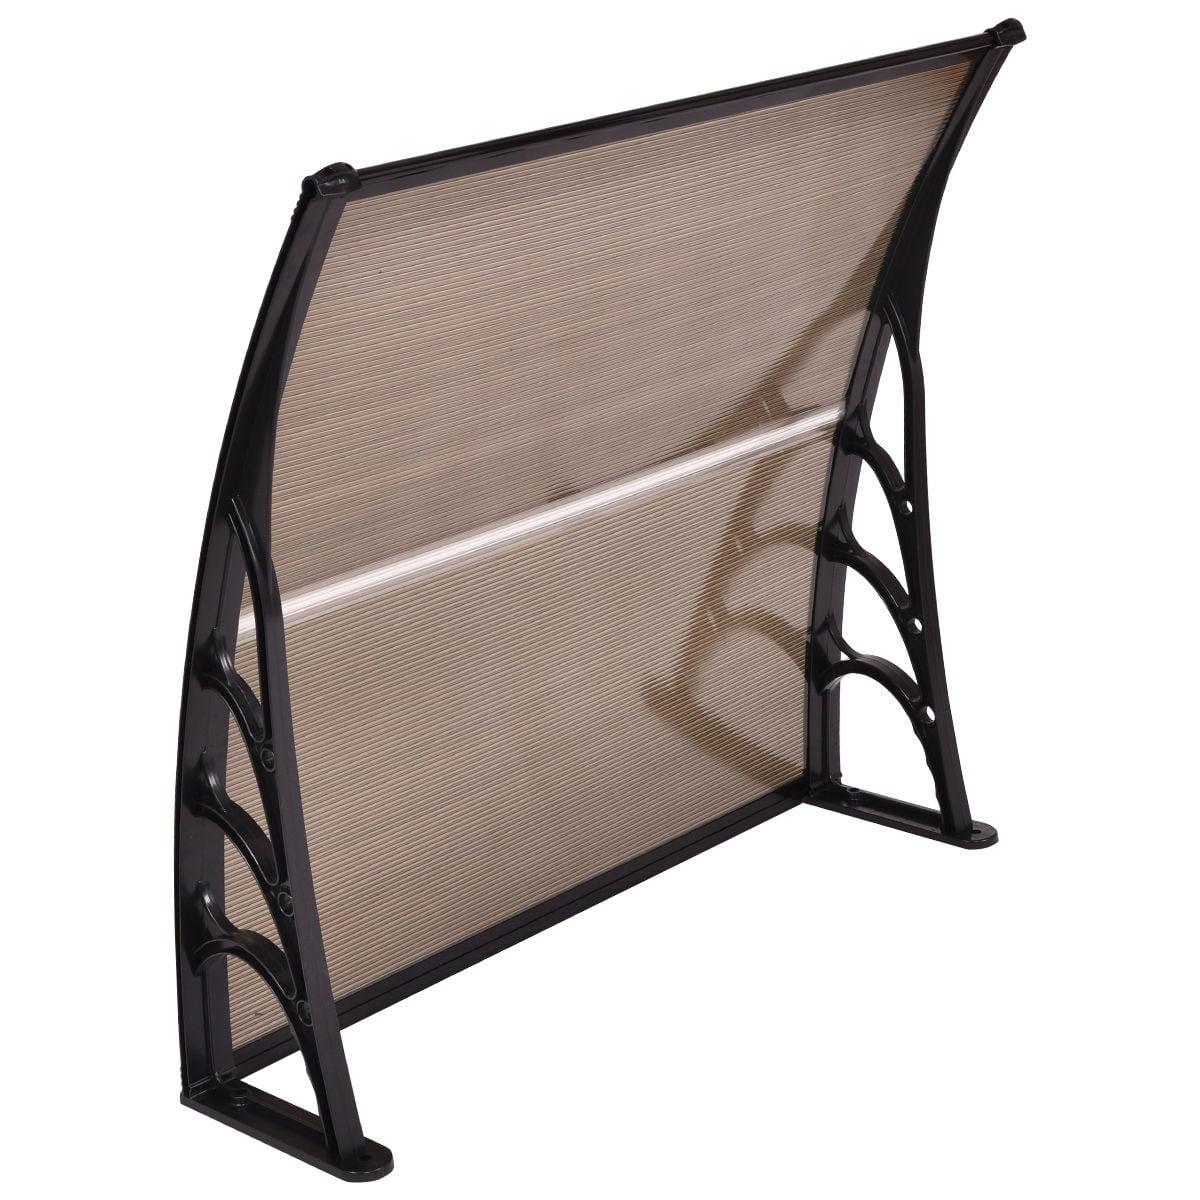 """Costway 40""""x 40"""" Window Awning Door Canopy Outdoor Front Door dark brown - image 5 of 6"""